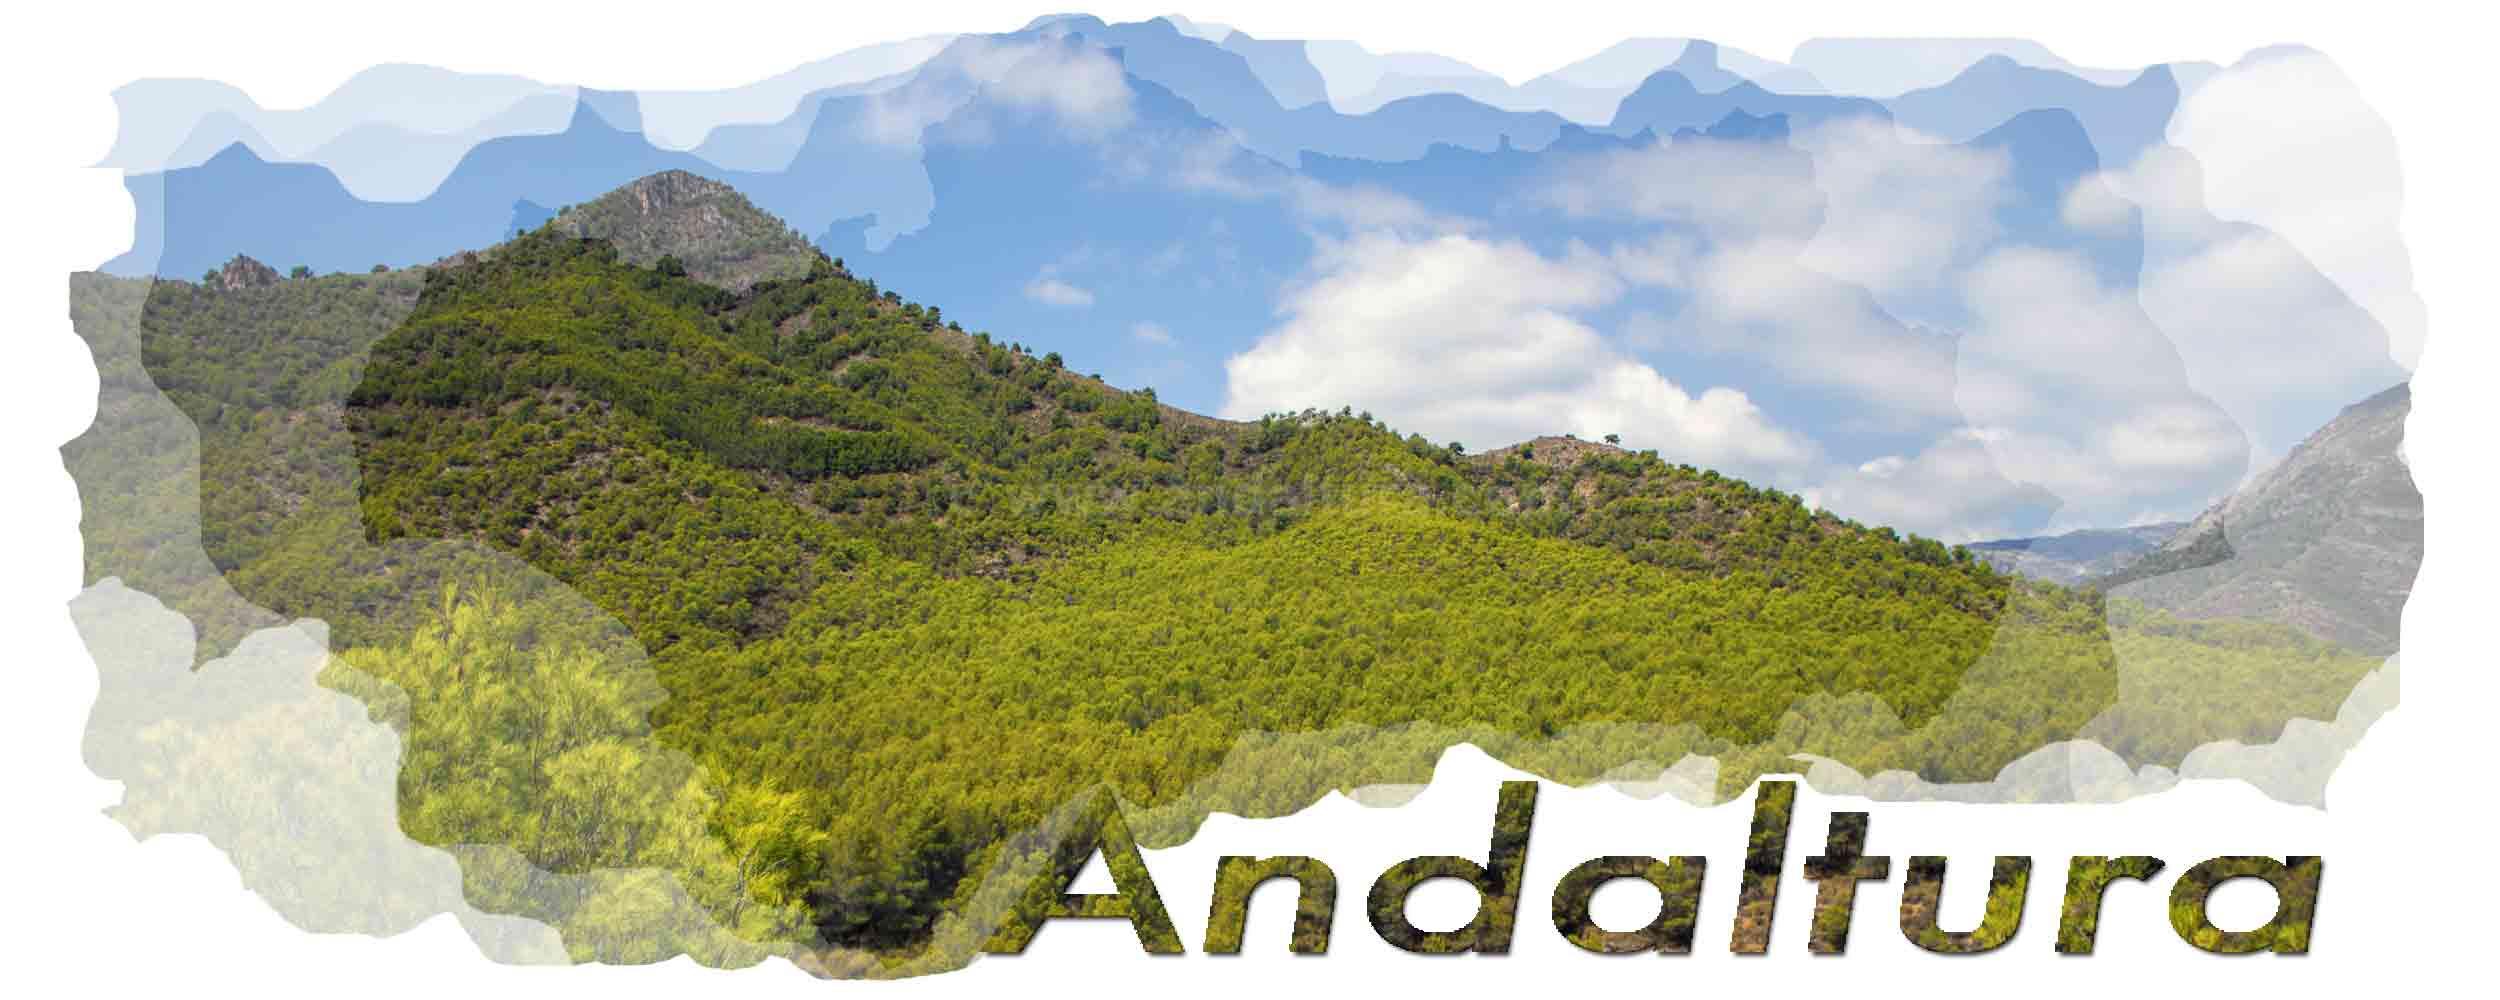 Cabecera plagio ruta GR142 de Busquístar a Cástaras. La Sierra